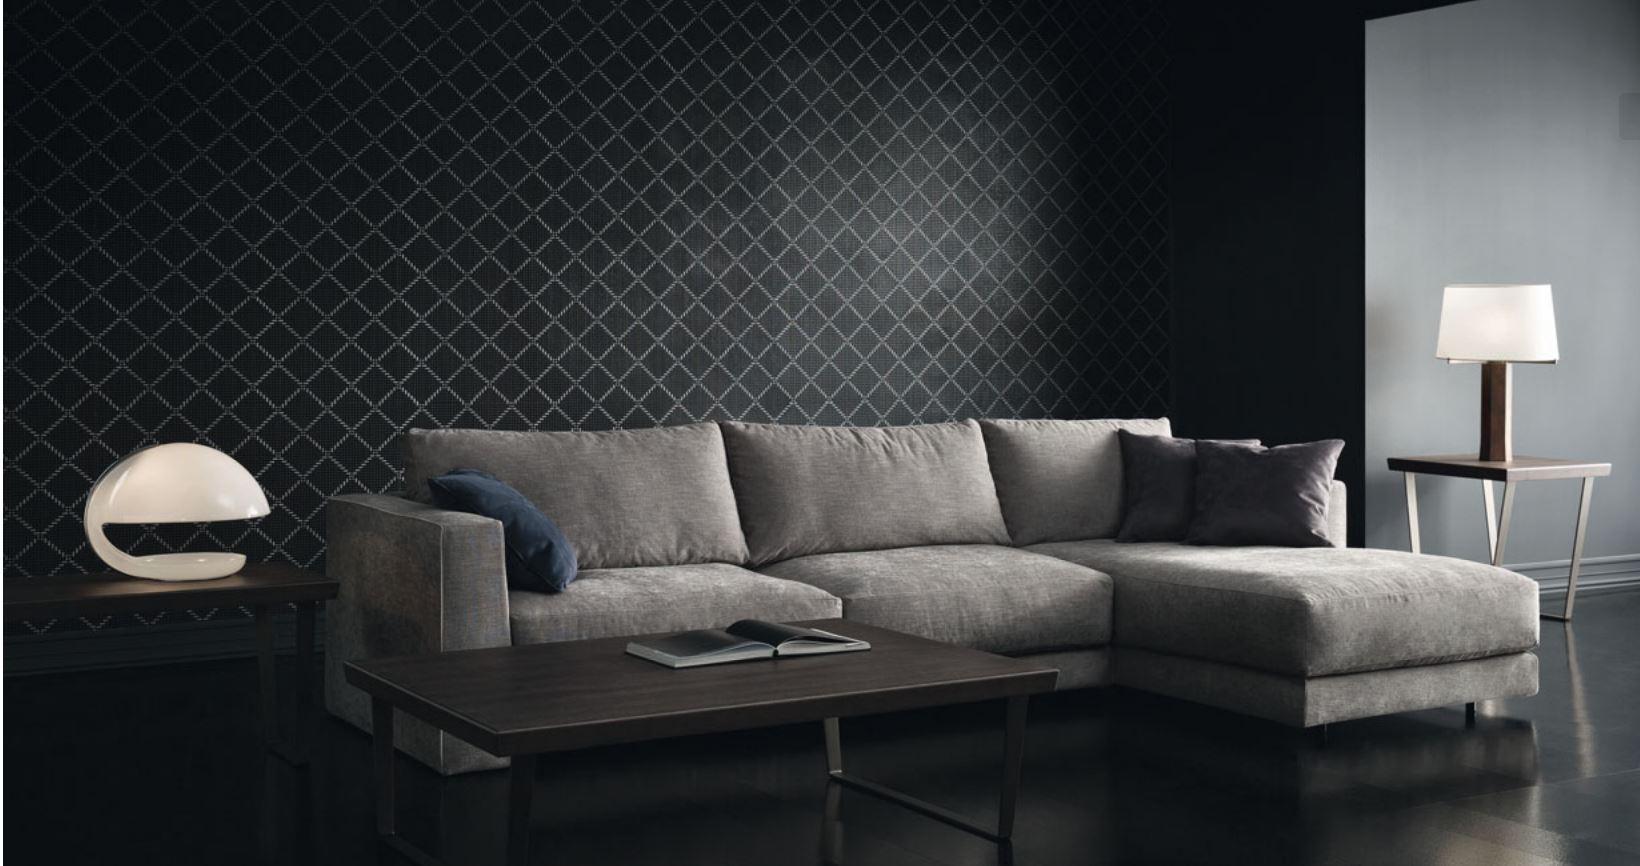 Italian Sofas At Momentoitalia – Modern Sofas,designer Sofas Throughout Down Feather Sectional Sofa (View 6 of 15)